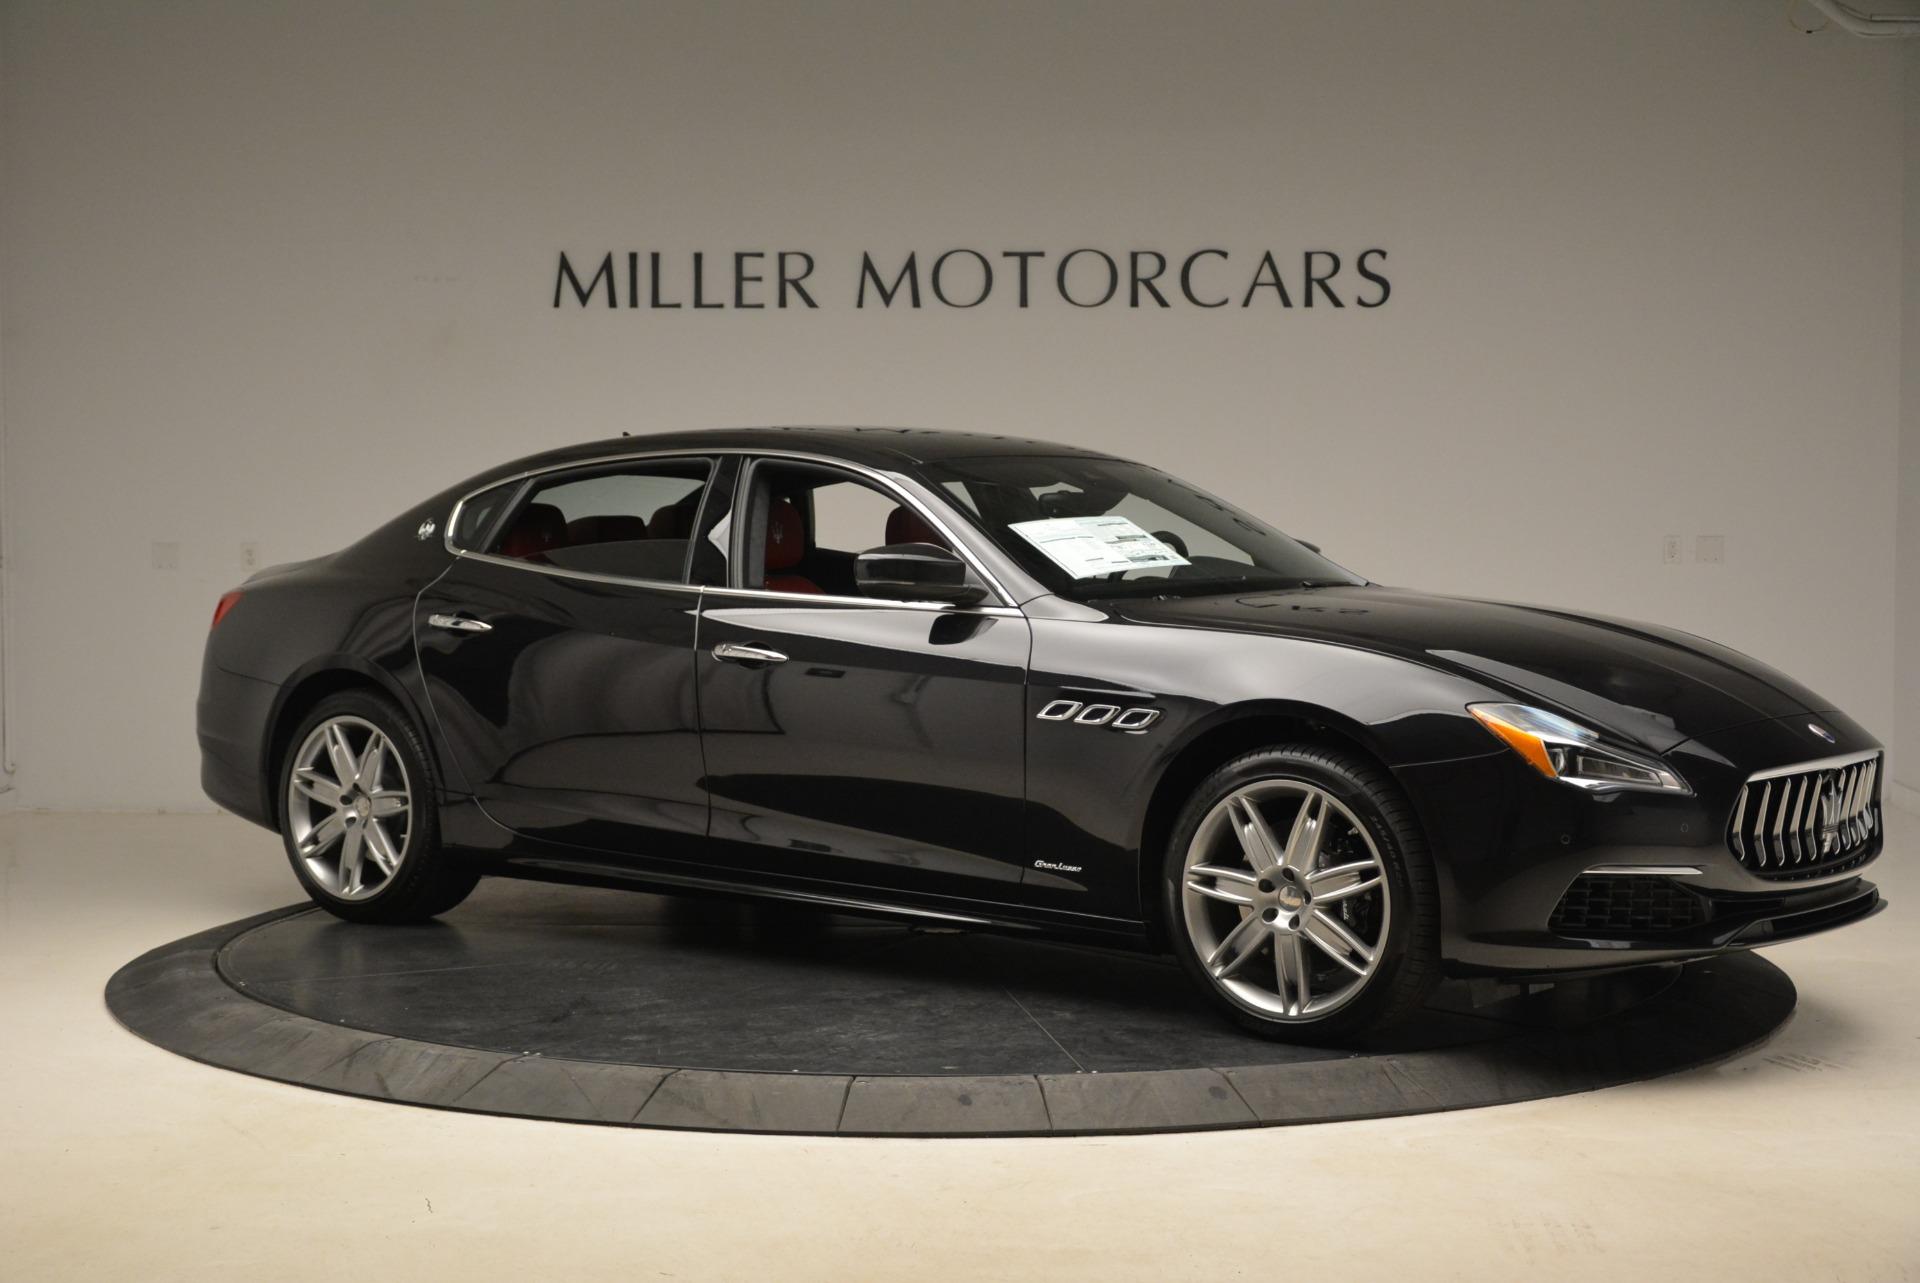 New 2018 Maserati Quattroporte S Q4 GranLusso For Sale In Greenwich, CT. Alfa Romeo of Greenwich, M2095 2186_p11